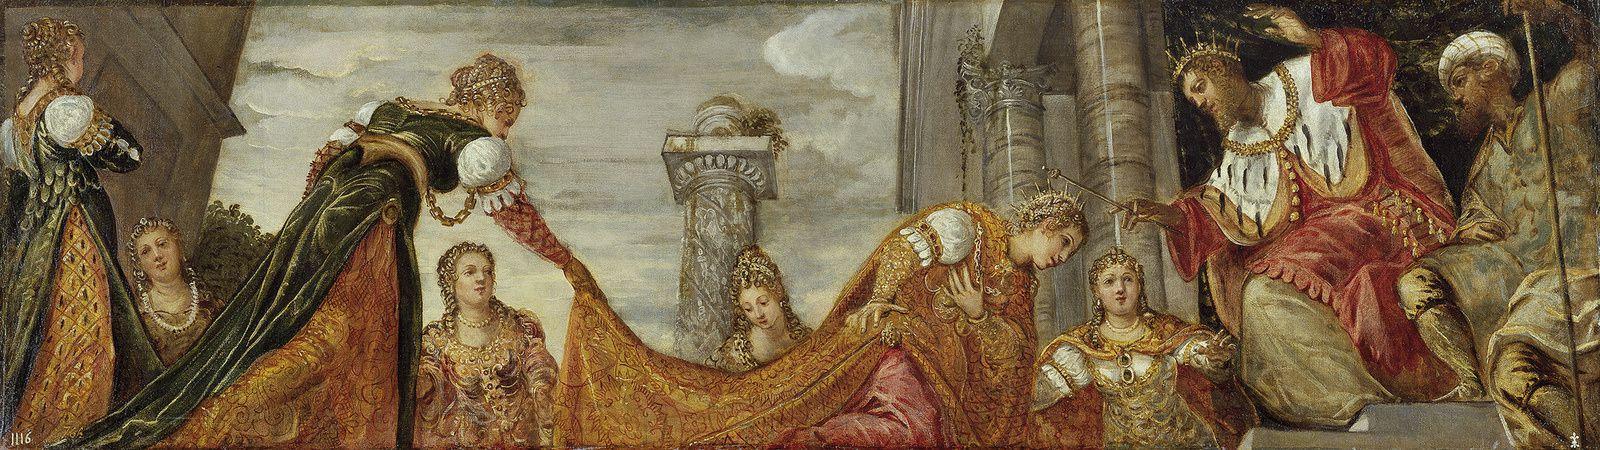 """""""Esther devant d'Assuérus"""" vers 1554-1555 de TINTORET - Courtesy Madrid, Museo Nacional del Prado"""